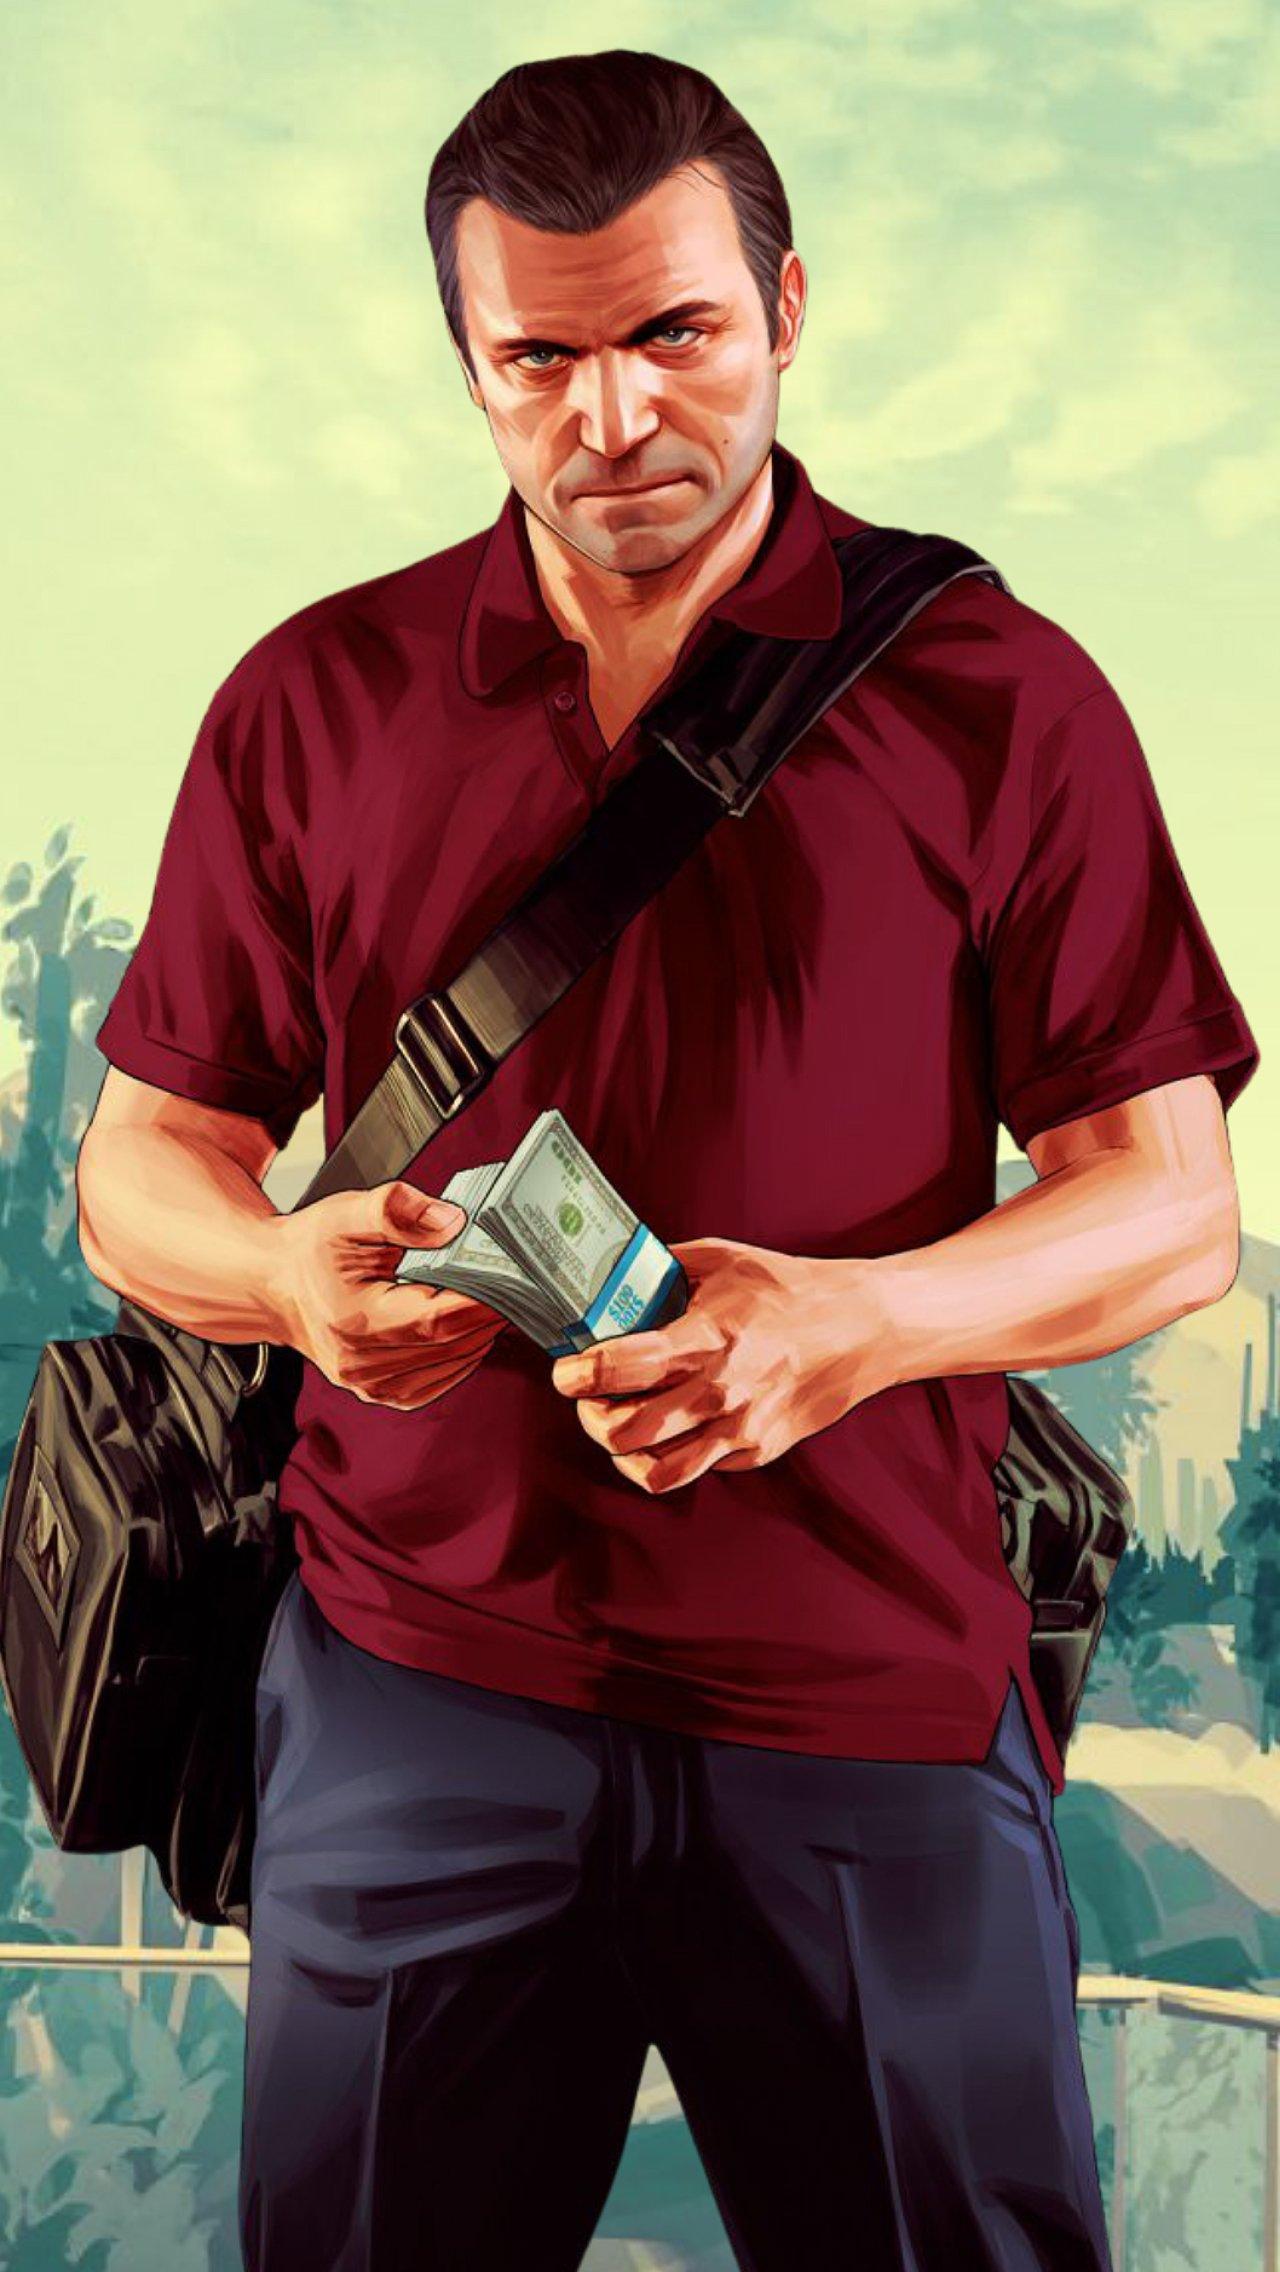 Такой красивой должна быть версия GTA 5 для некстгена